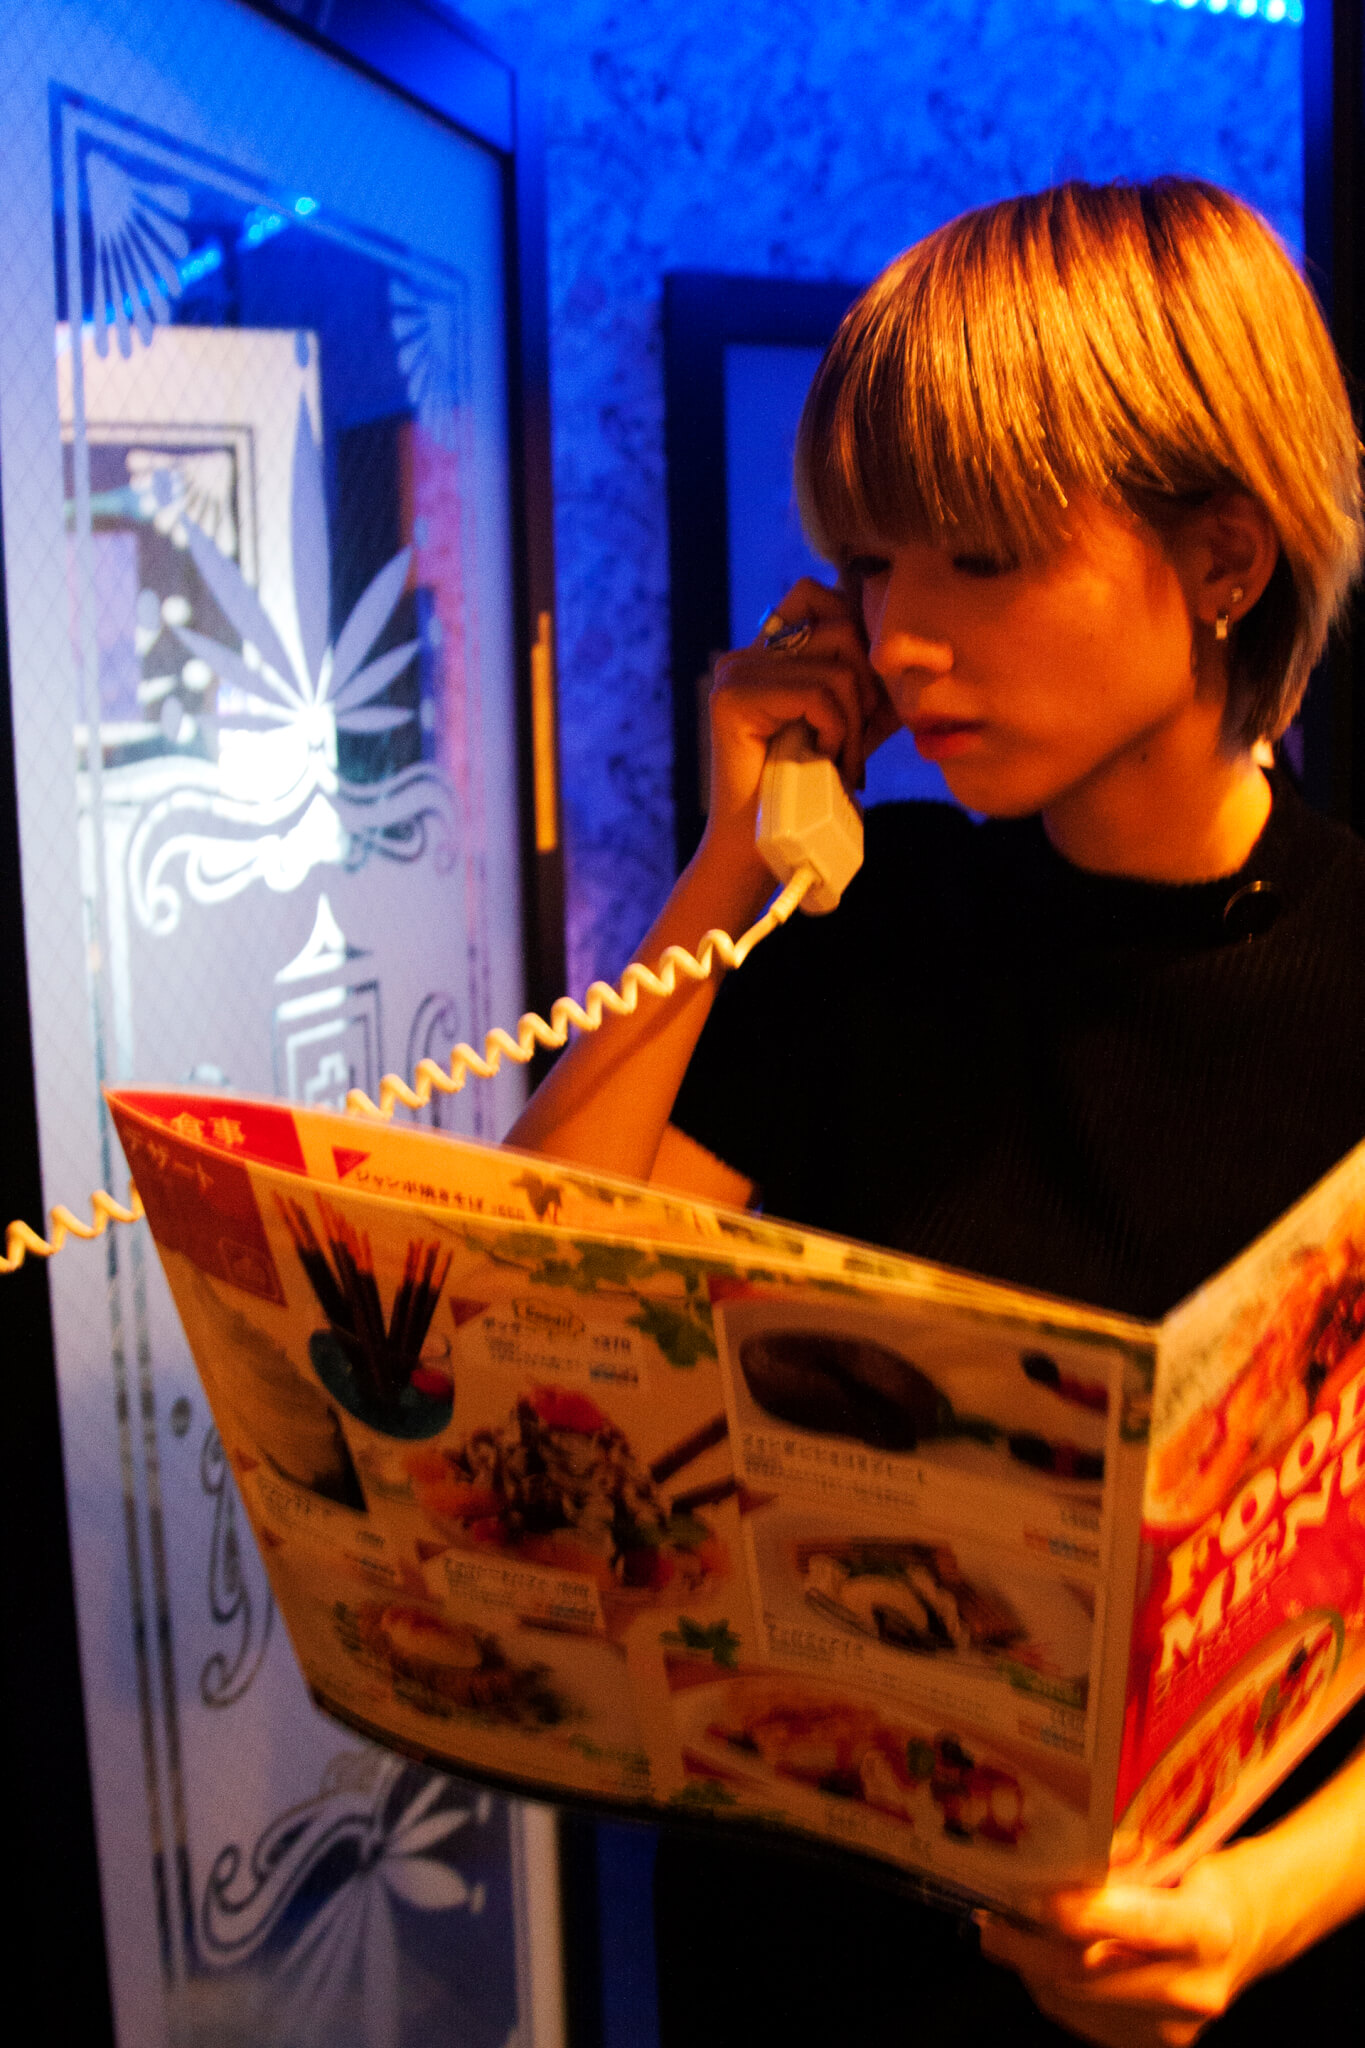 コウキシン女子の初体験 vol.11 まりりん:LOST IN KARAOKE@新宿カラオケ館 column181011-red-bull-music-festival-tokyo-2018-lost-in-karaoke-11